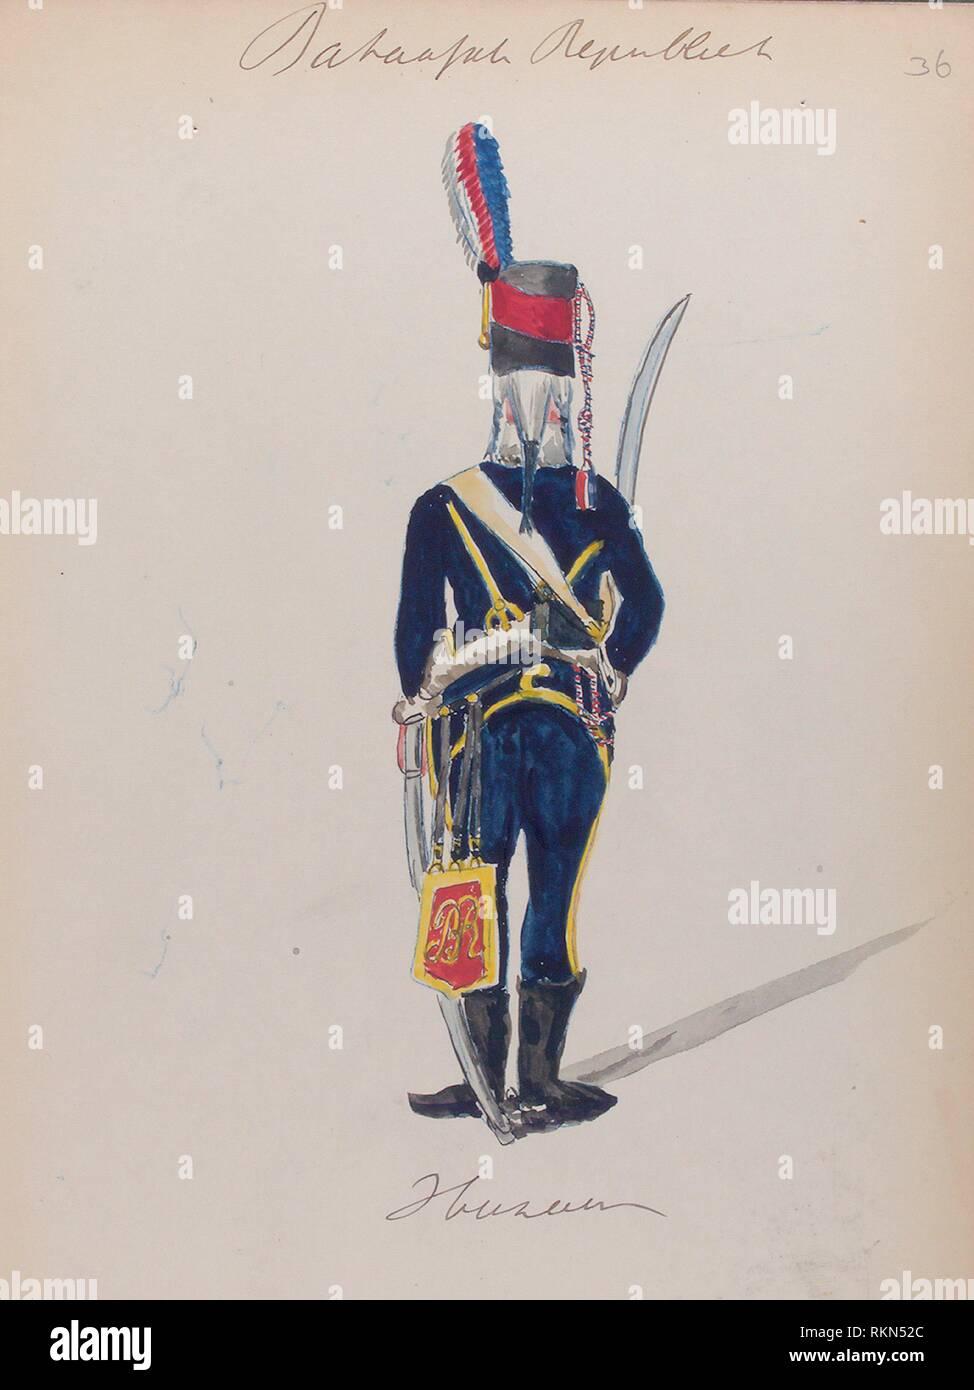 Bataafsche Republiek. Huzaar. Vinkhuijzen, Hendrik Jacobus (Collector). The Vinkhuijzen collection of military uniforms Netherlands Netherlands, - Stock Image